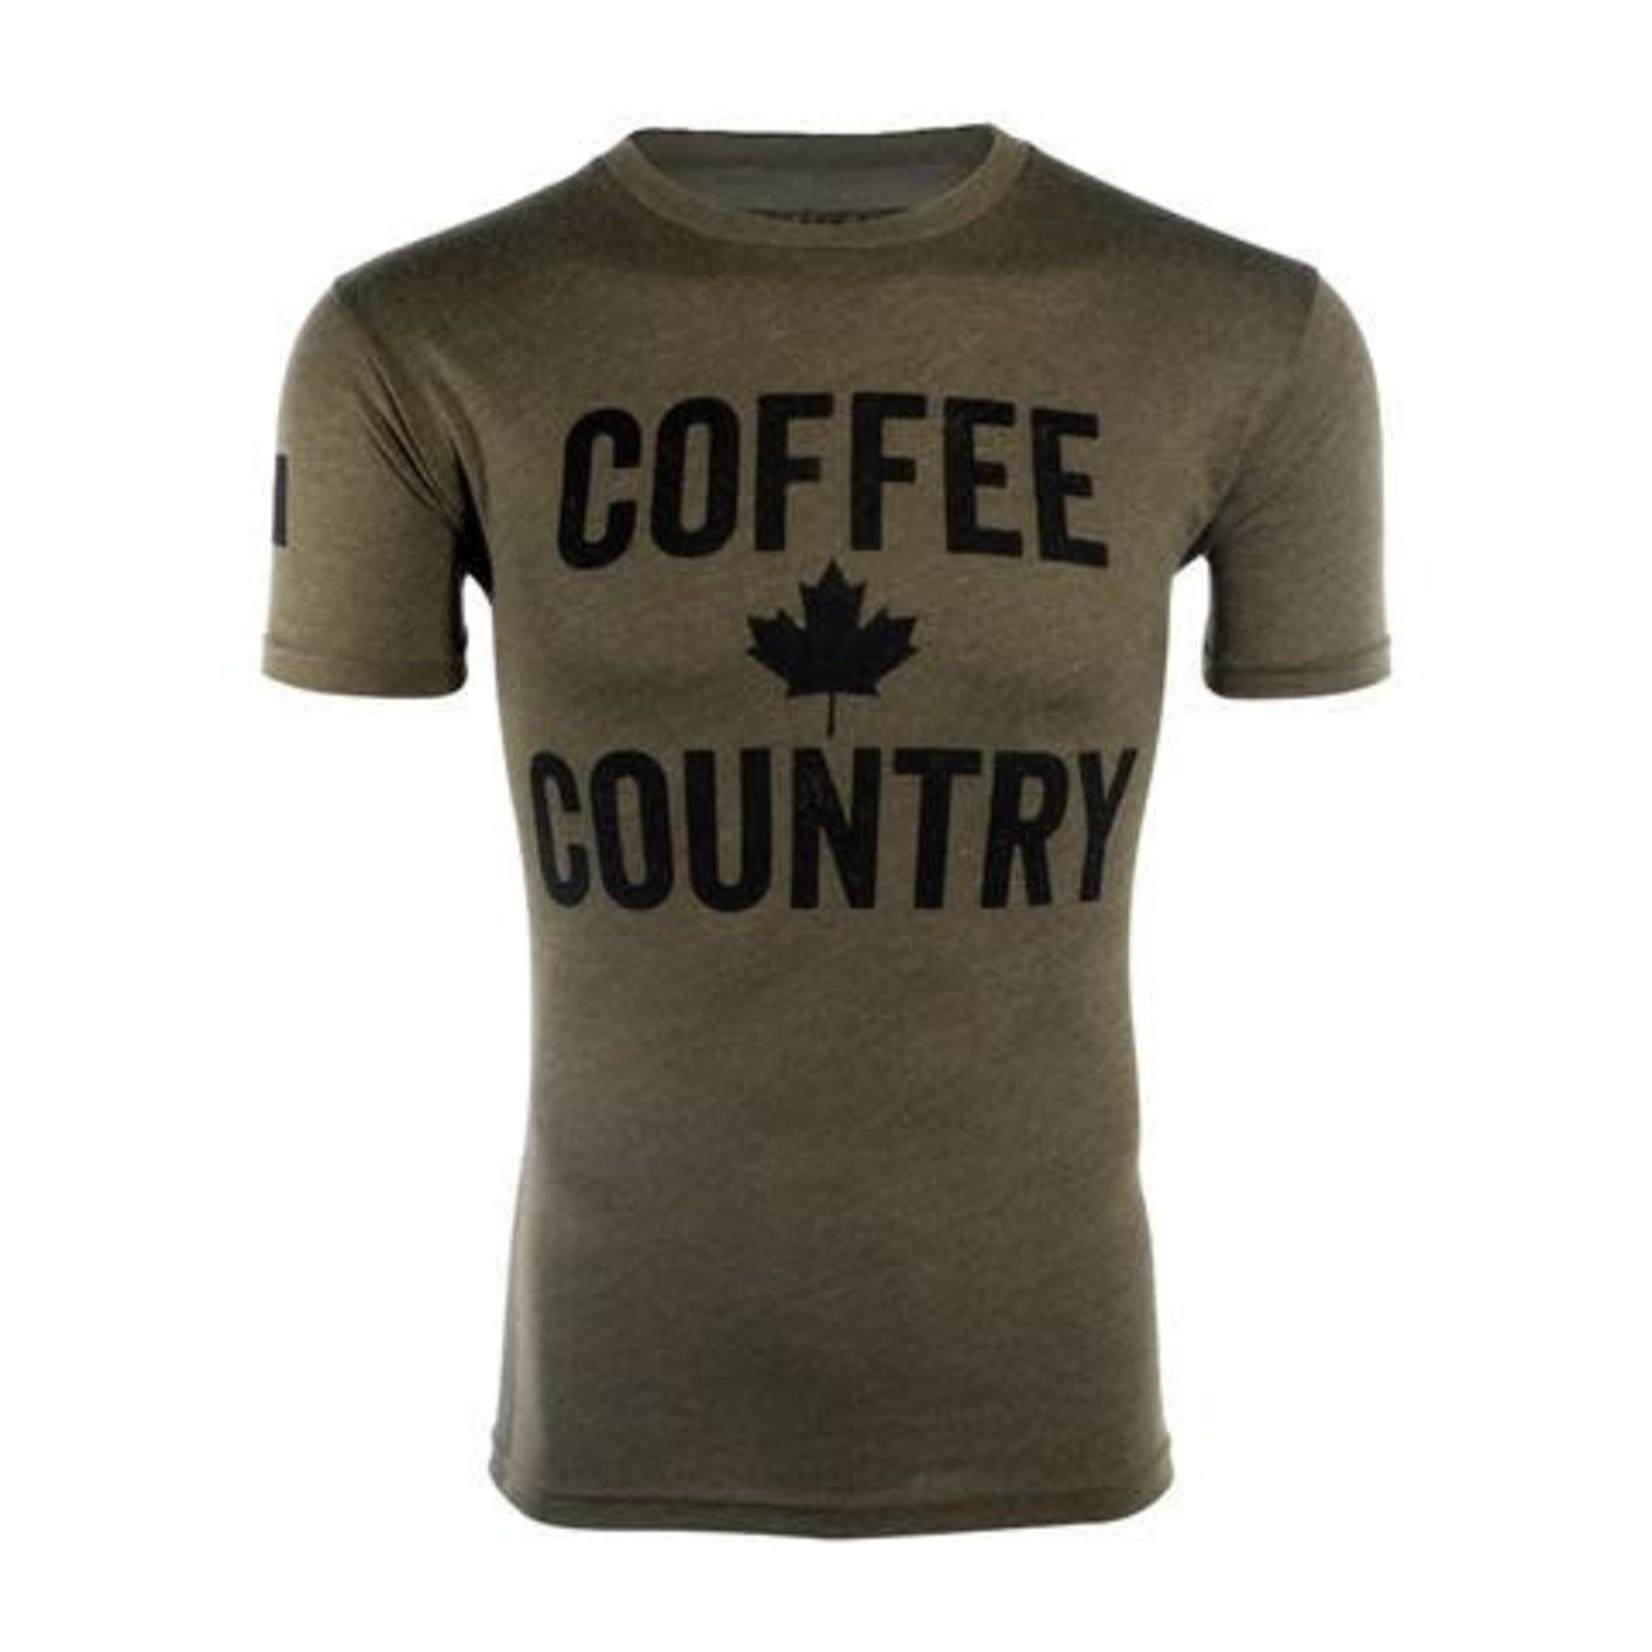 Black Rifle Coffee Black Rifle Coffee Company Shirt-Coffee Country Shirt- Green- Medium